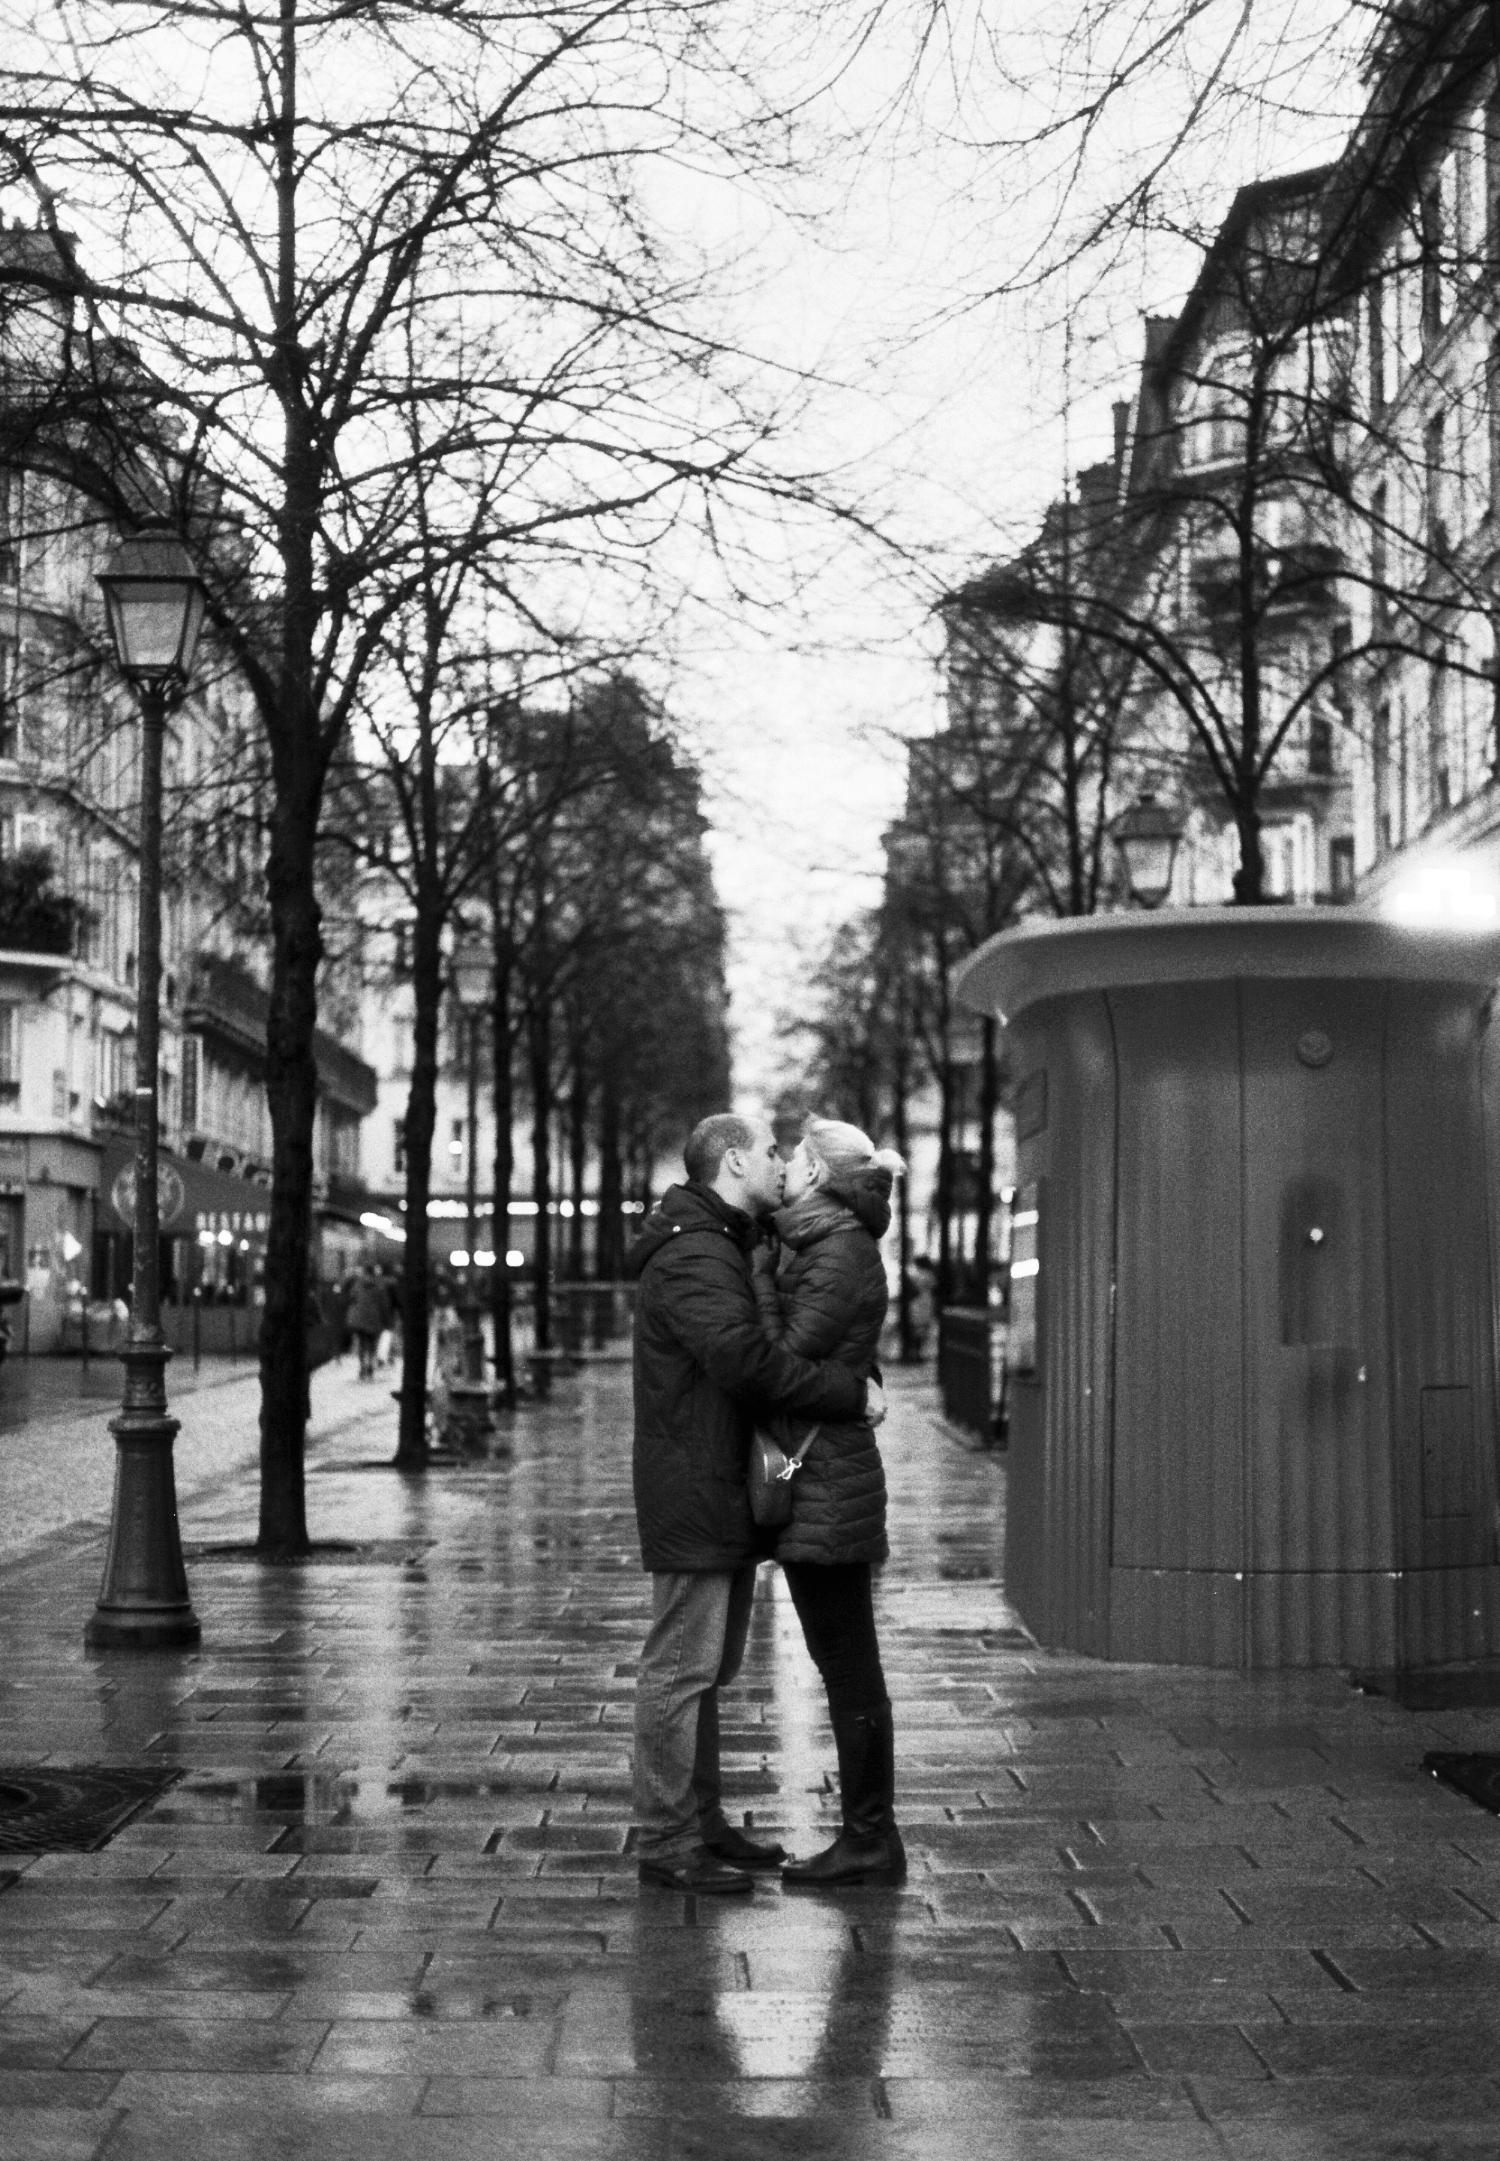 Paris_In_the_Winter008